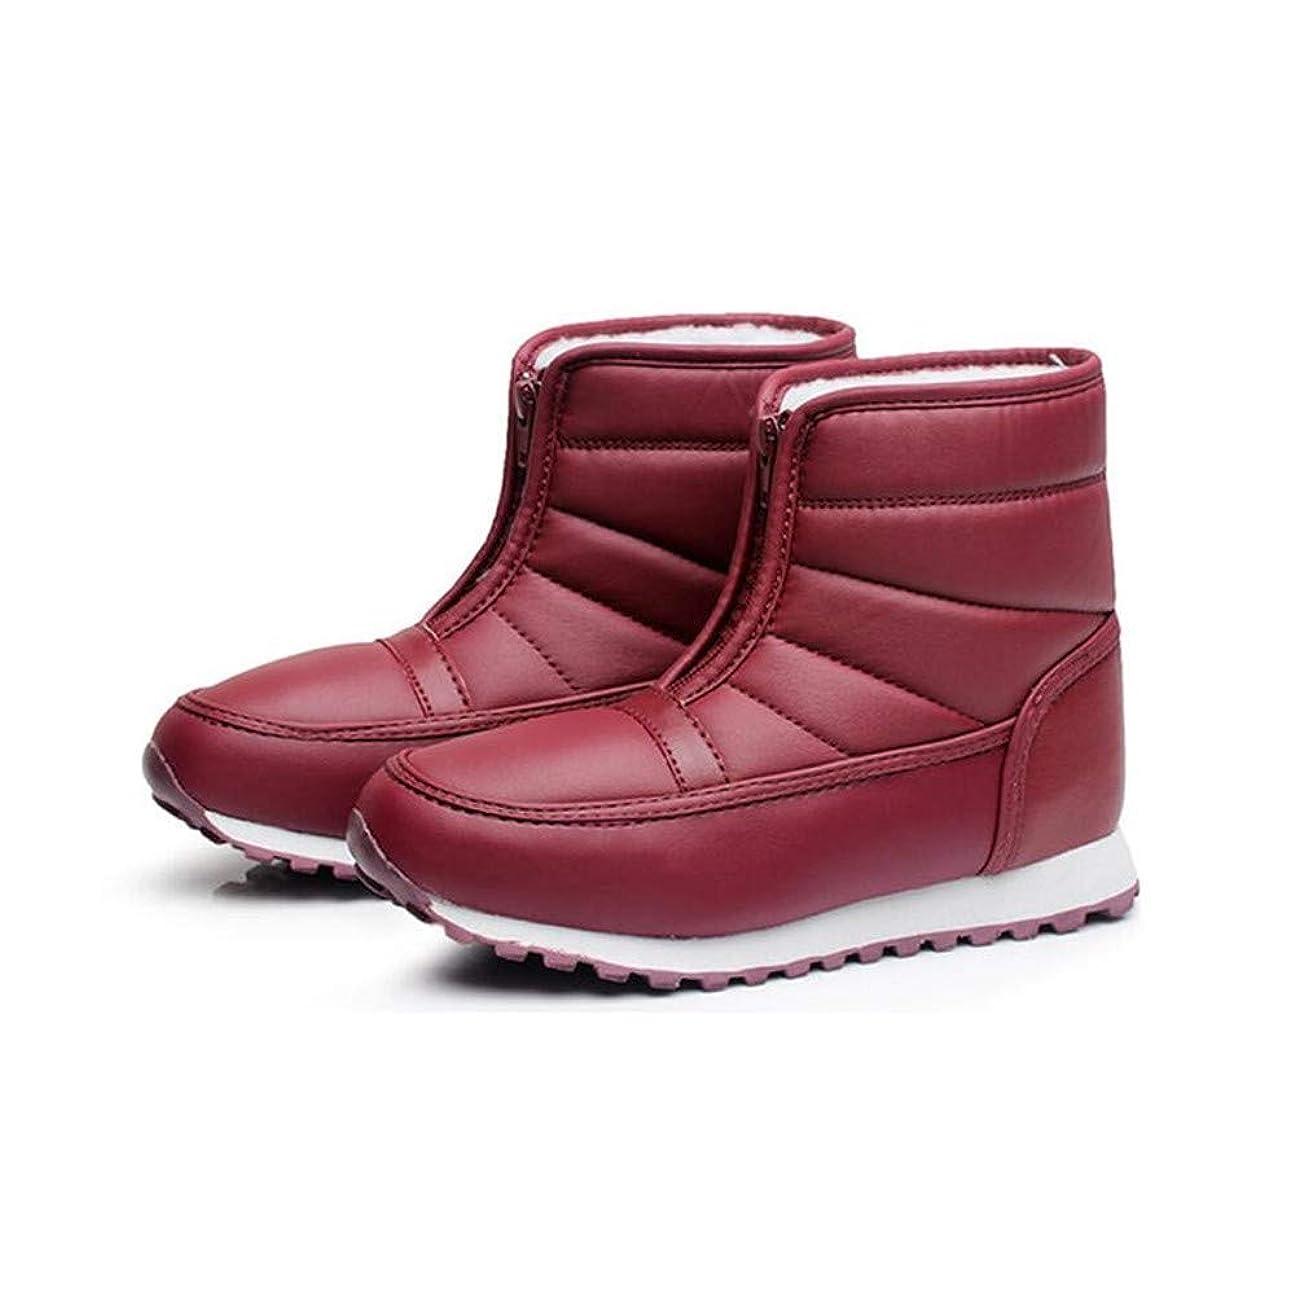 測定それら詳細な[マリア] スノーブーツ レディース メンズ ブーツ お年寄り 高齢者用 カップル ボア 裏起毛 滑り止め 防水